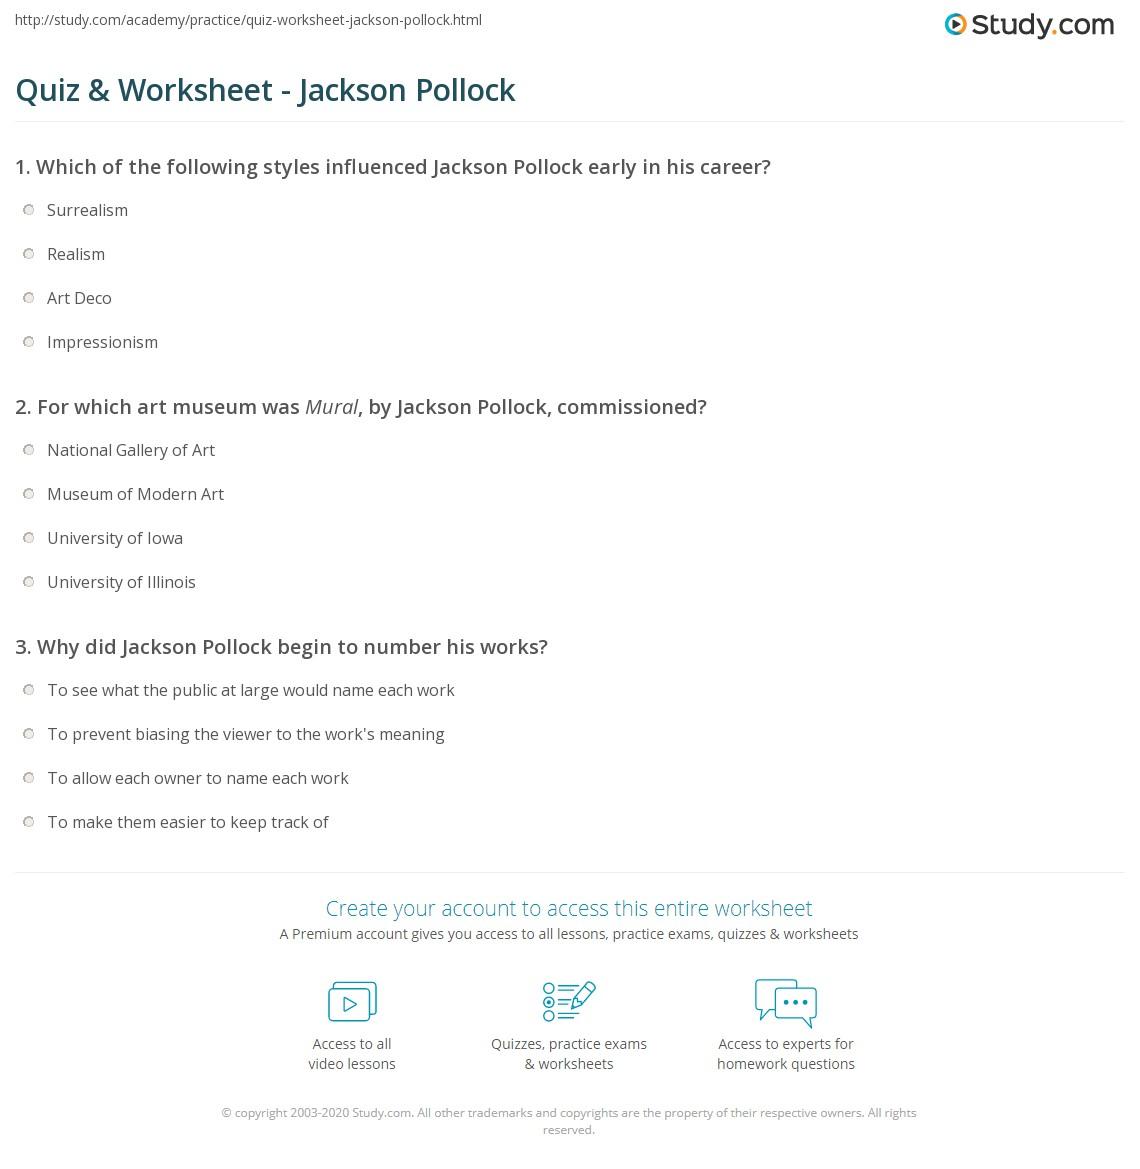 quiz worksheet jackson pollock. Black Bedroom Furniture Sets. Home Design Ideas